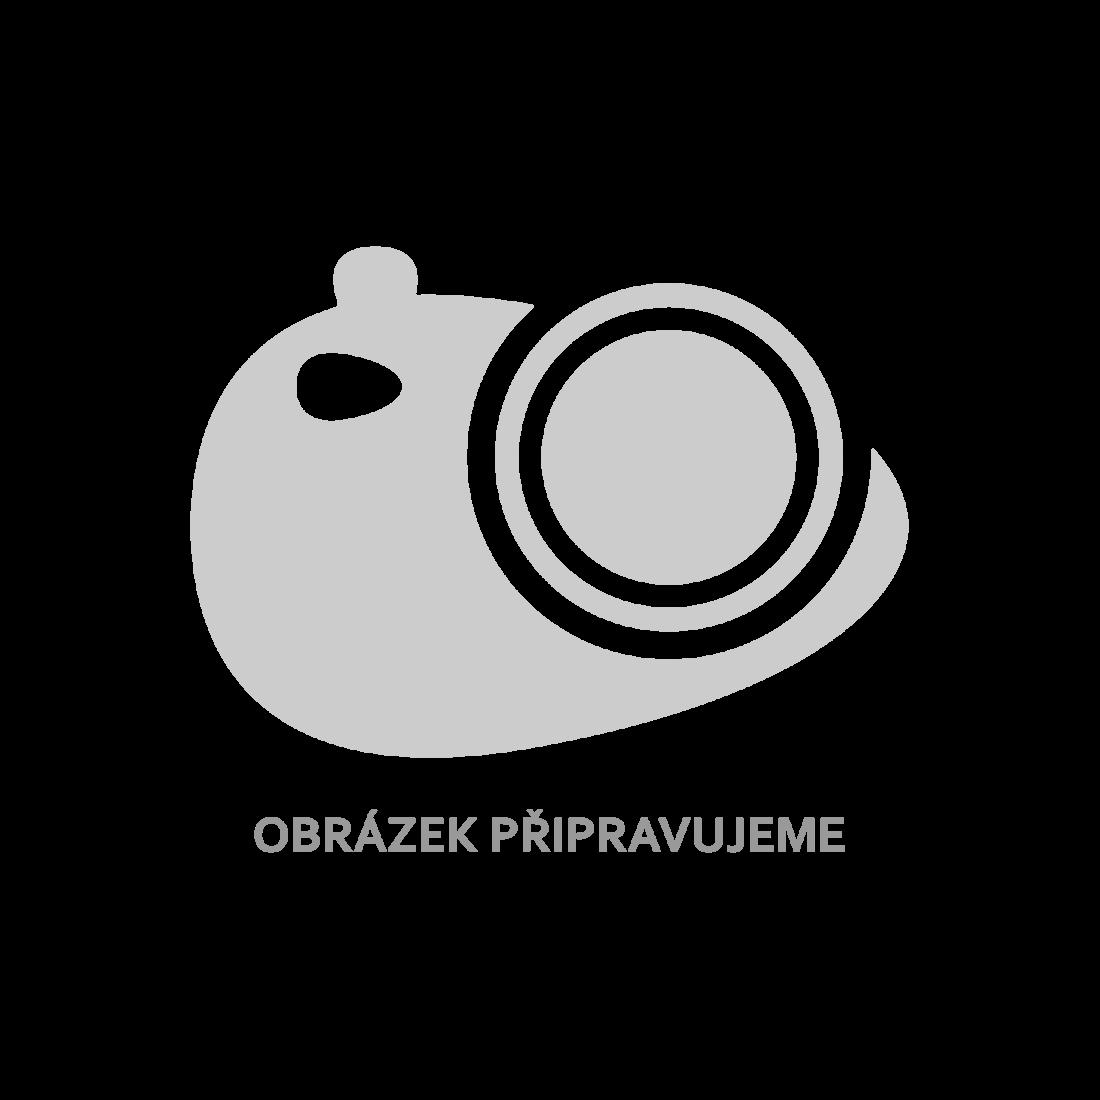 vidaXL Úložný box na LP desky černý 71 x 34 x 36 cm dřevotříska [800118]